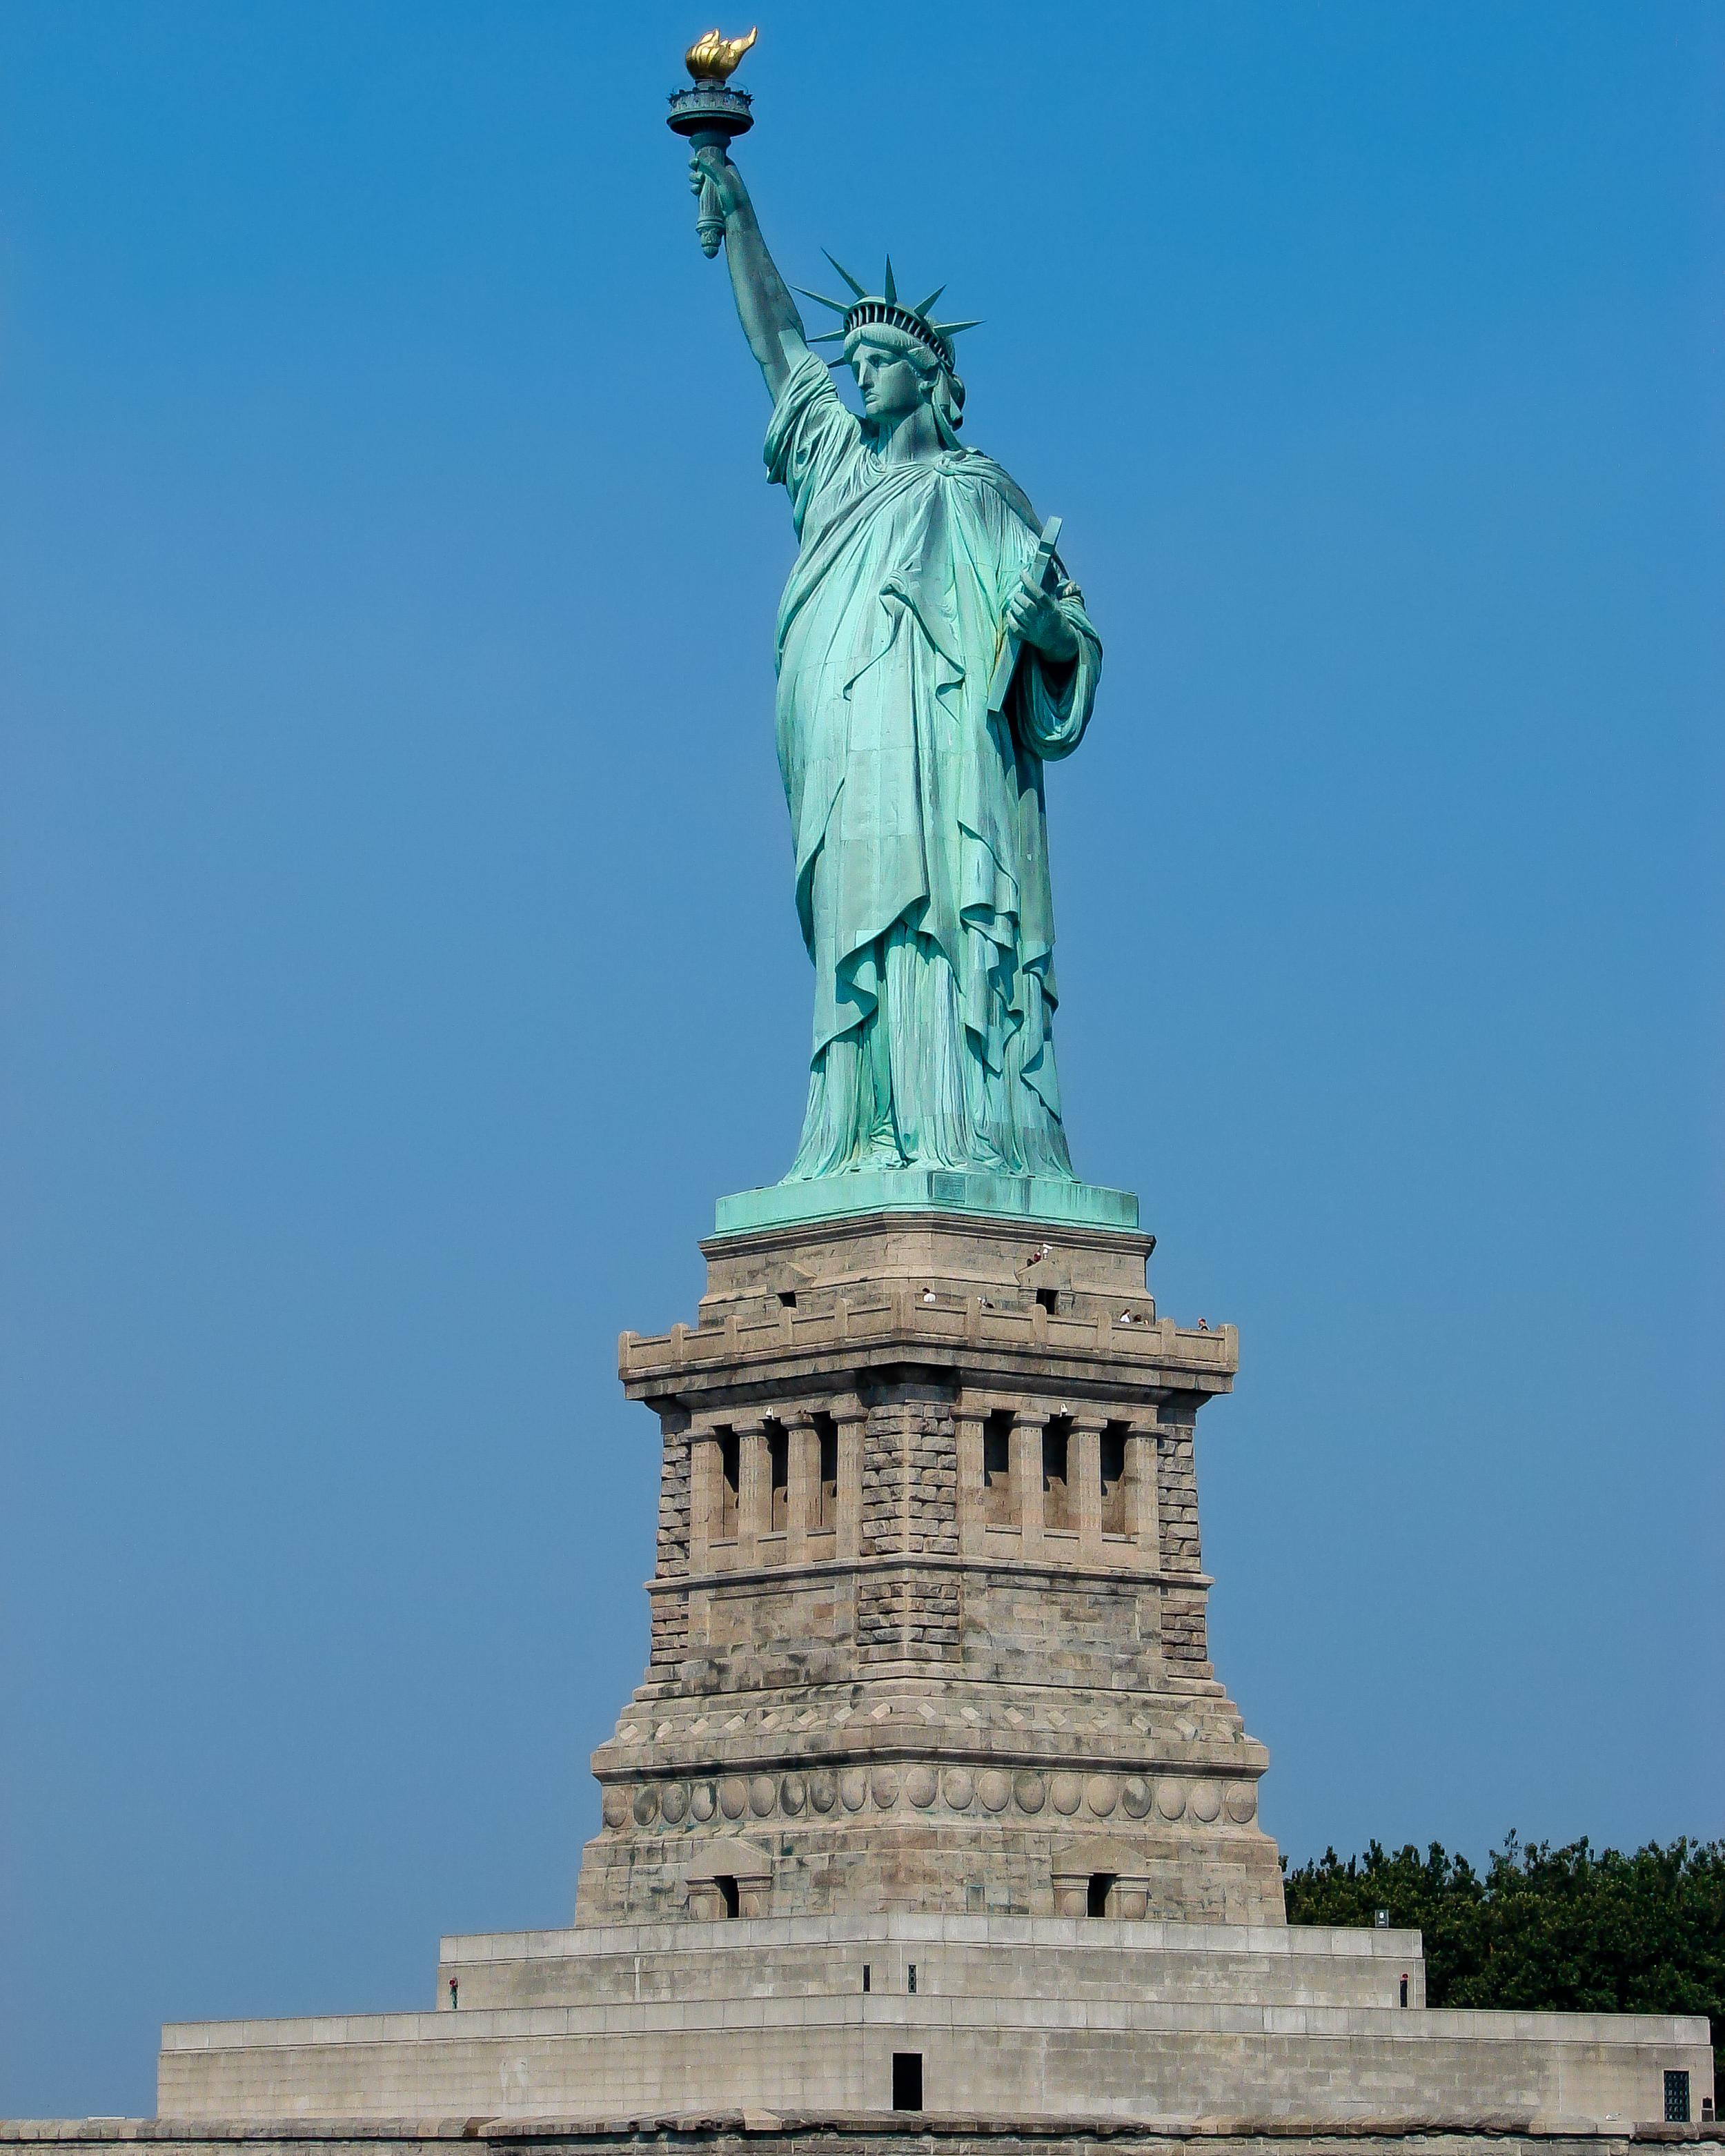 Lady Liberty - Statue of Liberty (NY, USA)